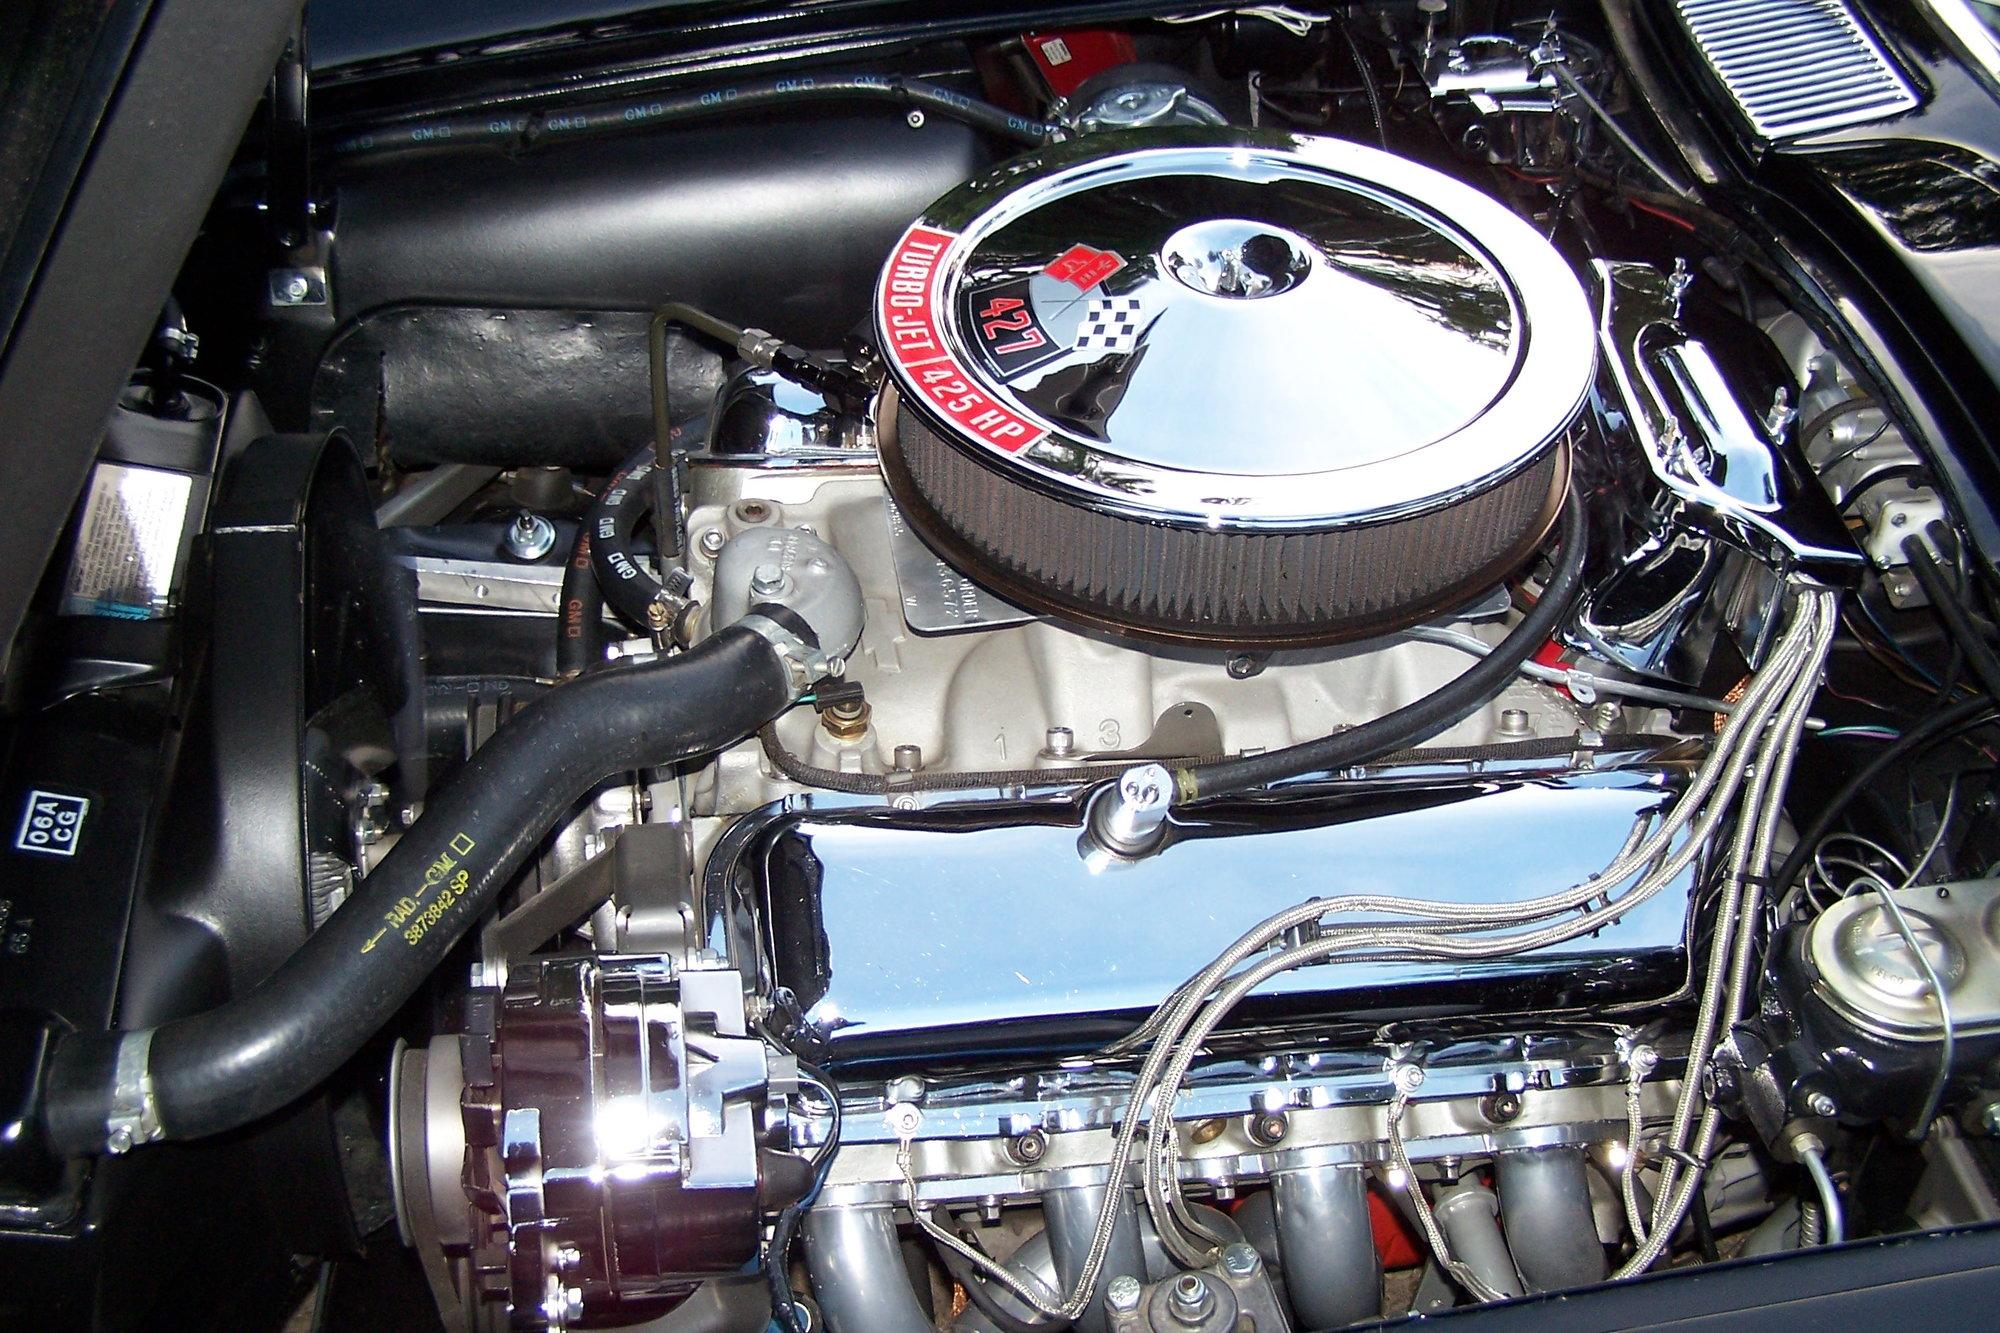 fitech efi on my 64 - CorvetteForum - Chevrolet Corvette